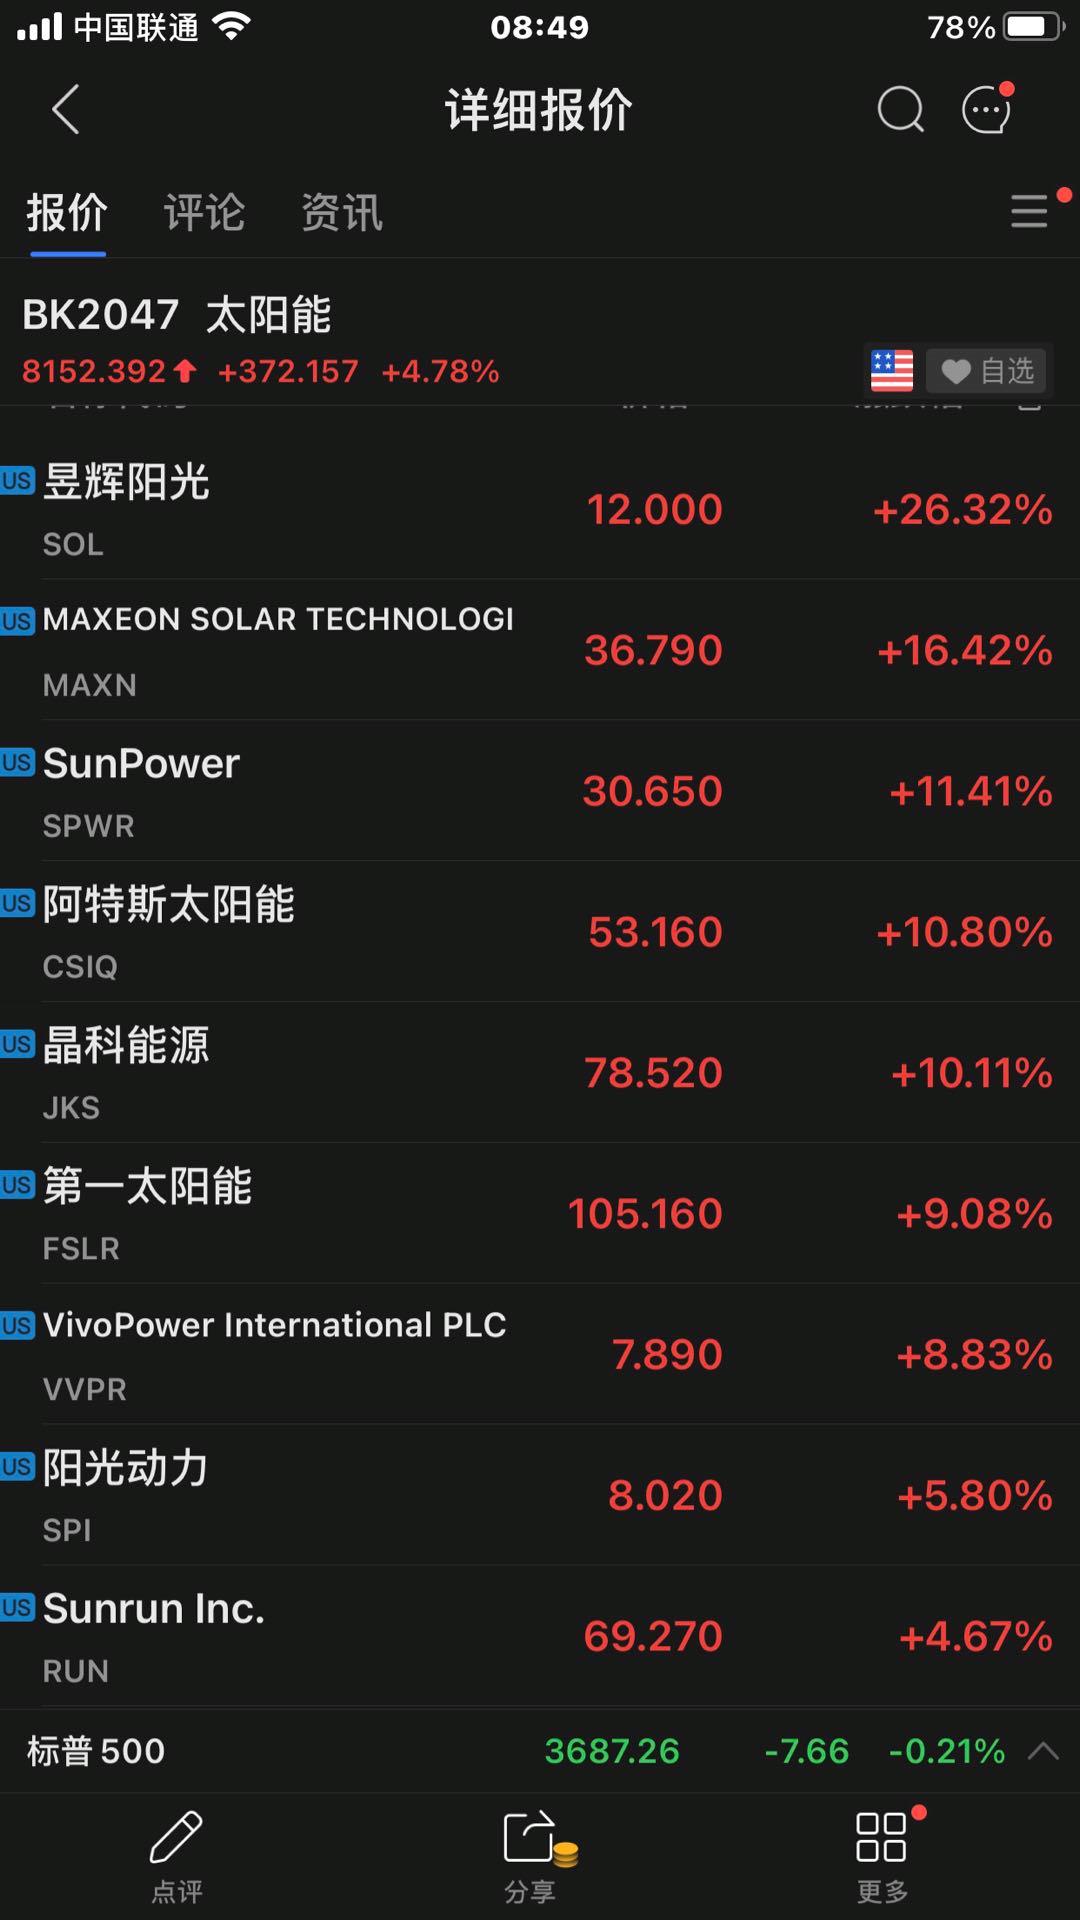 电银付加盟(dianyinzhifu.com):美国光伏投资26%税收抵免政策延迟两年 光伏板块应声大涨 第1张